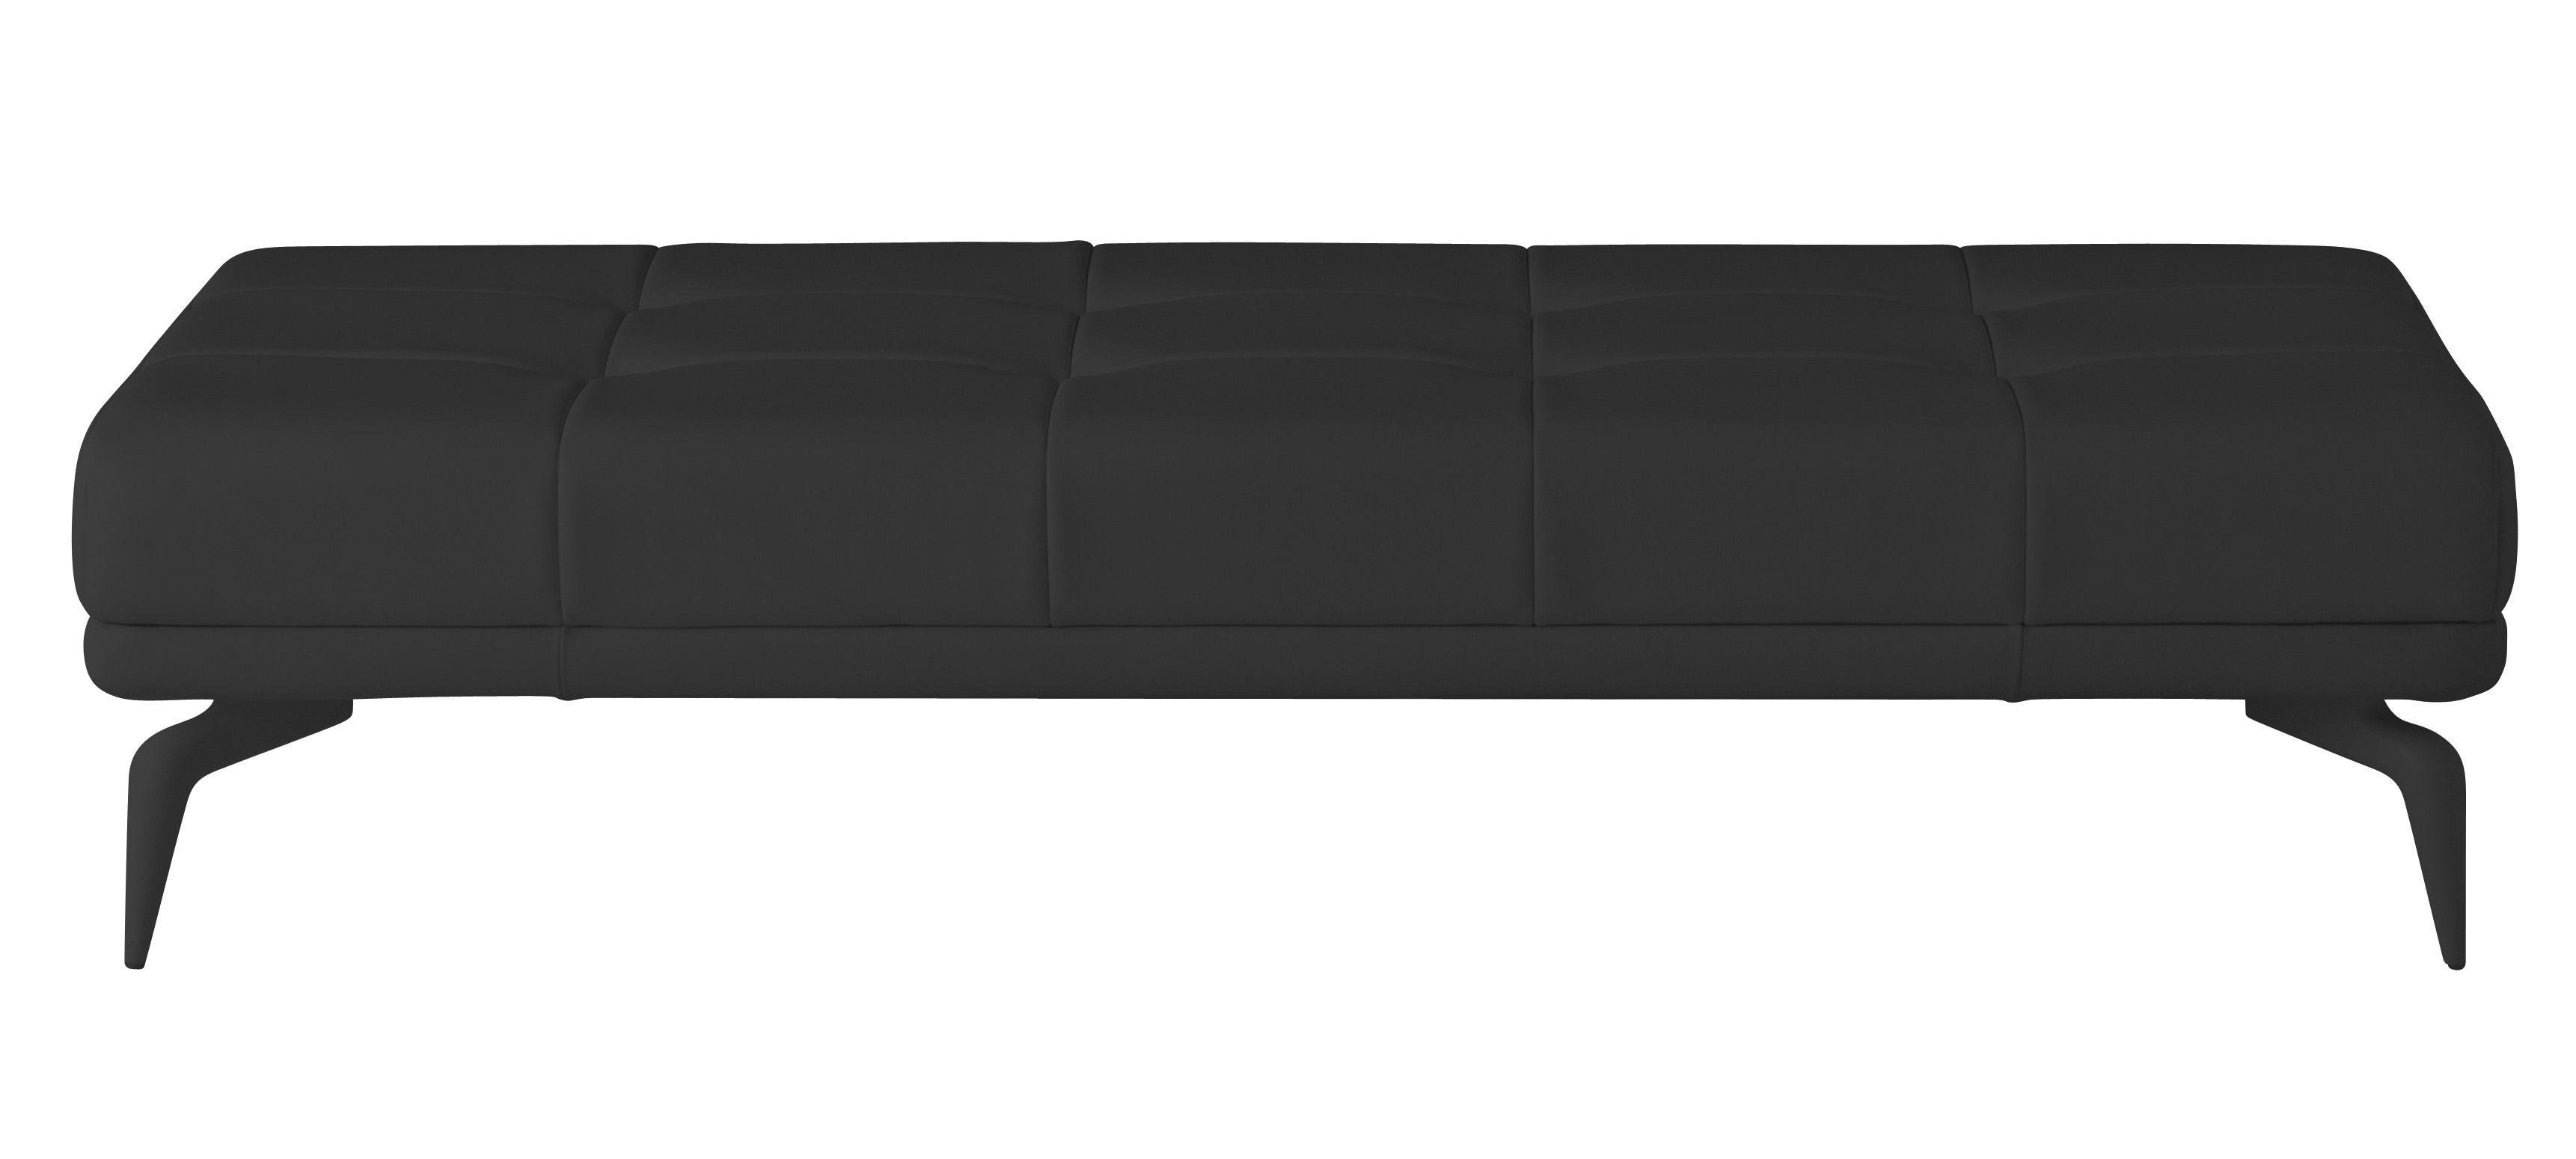 banc leeon cuir noir driade. Black Bedroom Furniture Sets. Home Design Ideas